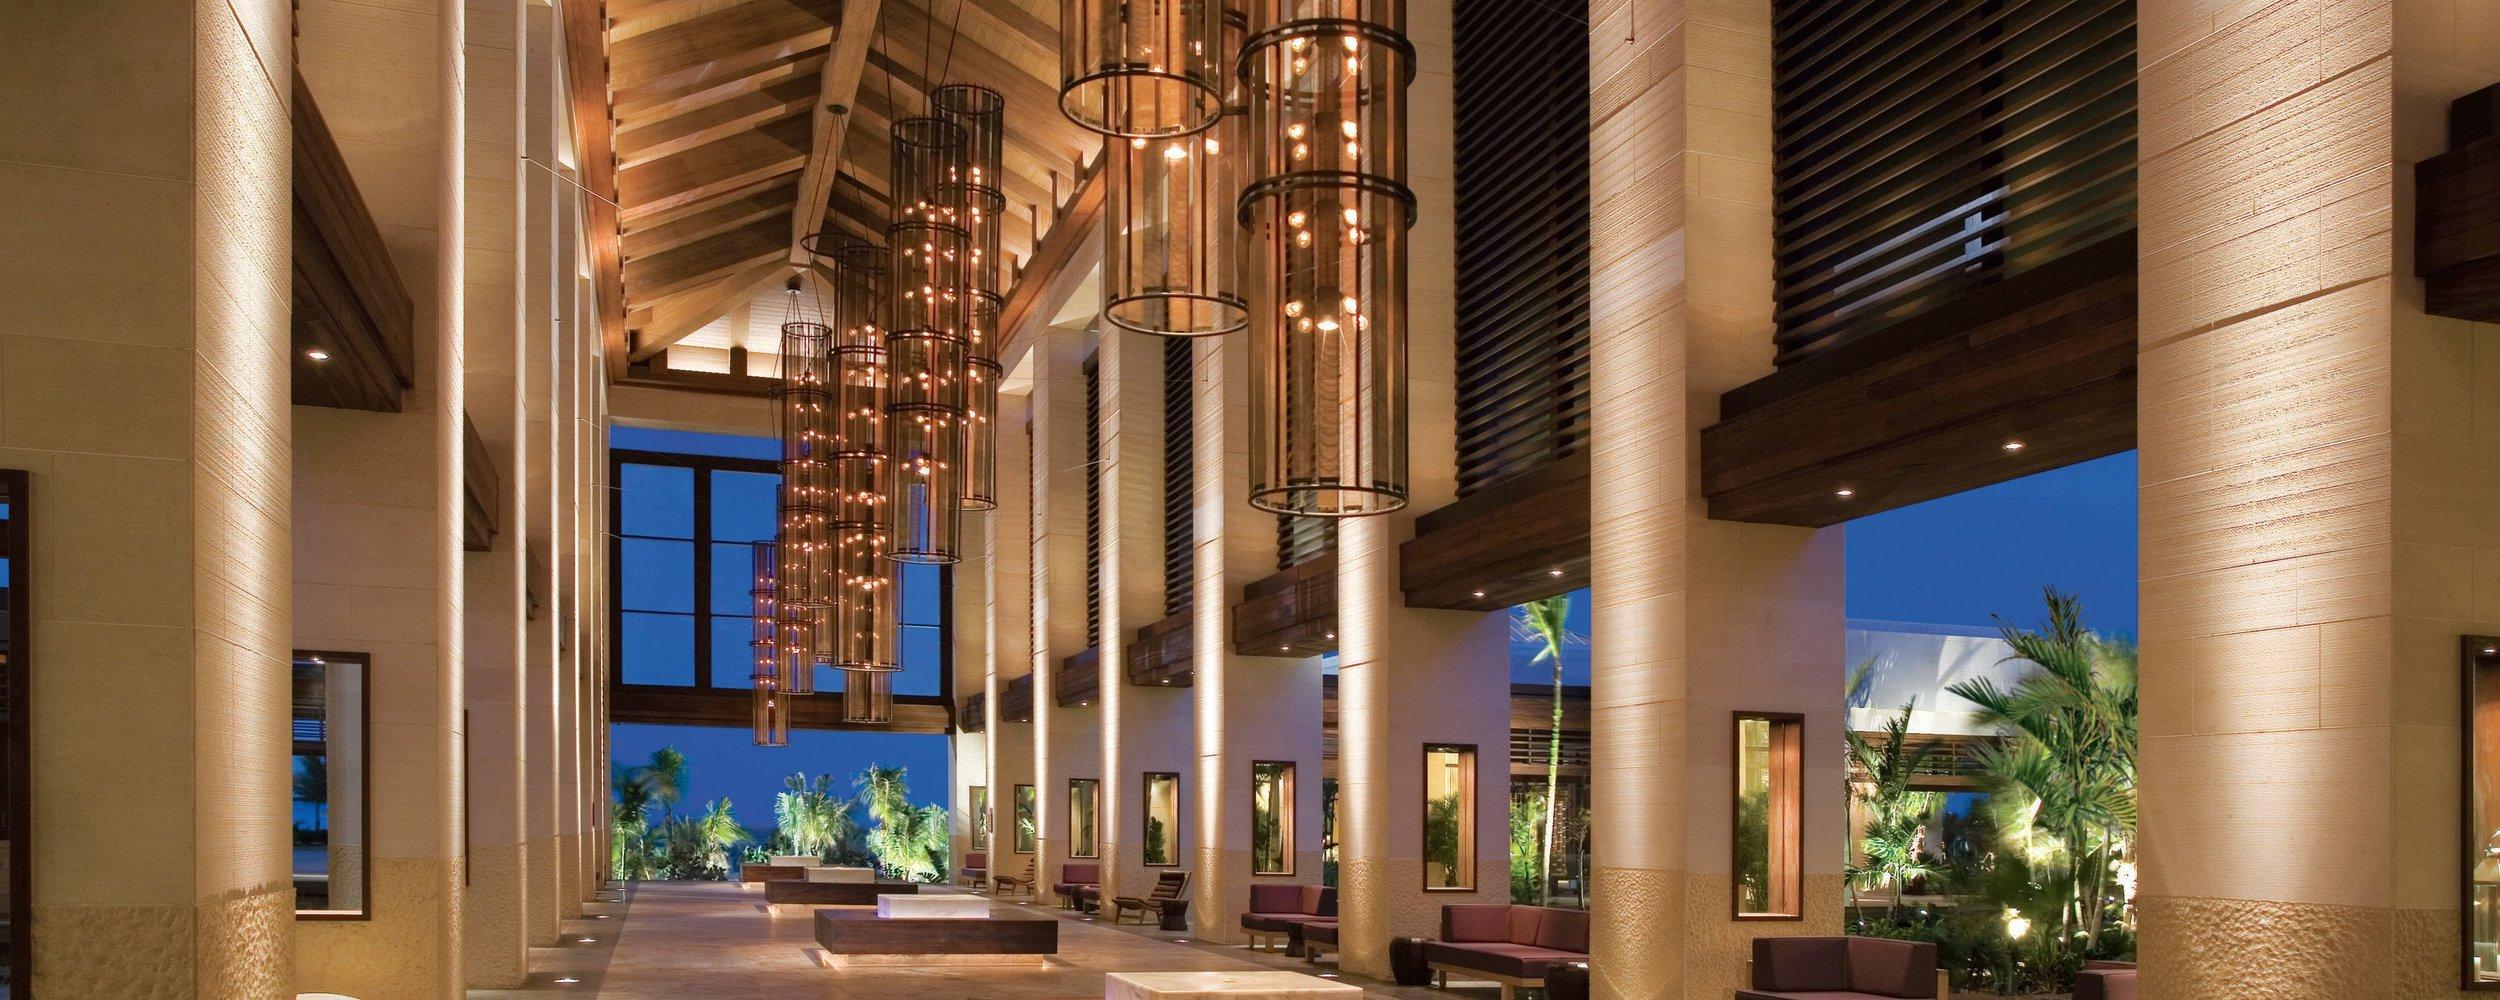 The Jeffrey Beers designed Atrium at The Cove Atlantis.